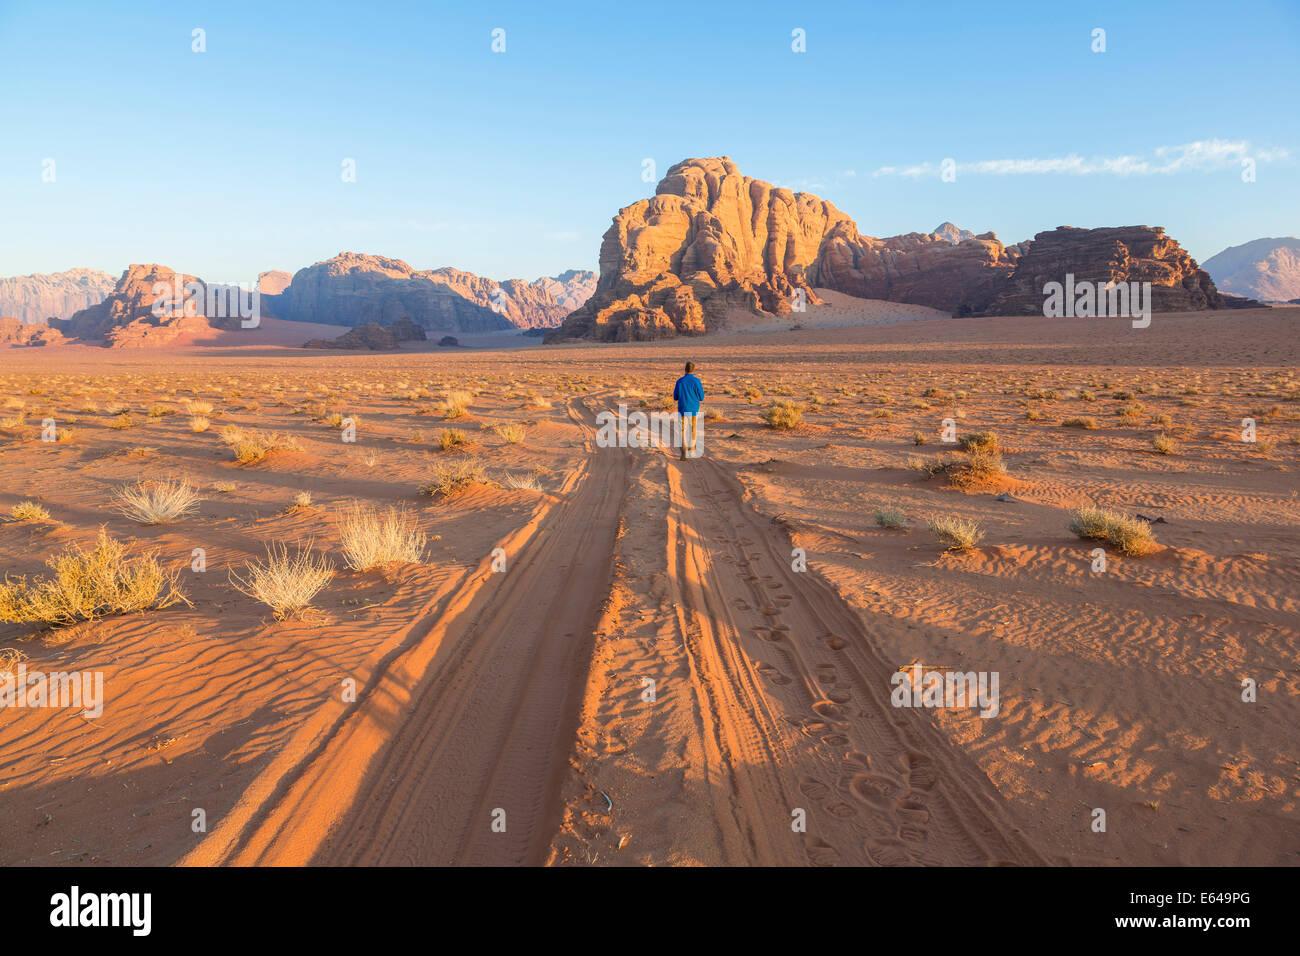 Le vie nel deserto, Wadi Rum, Giordania Immagini Stock